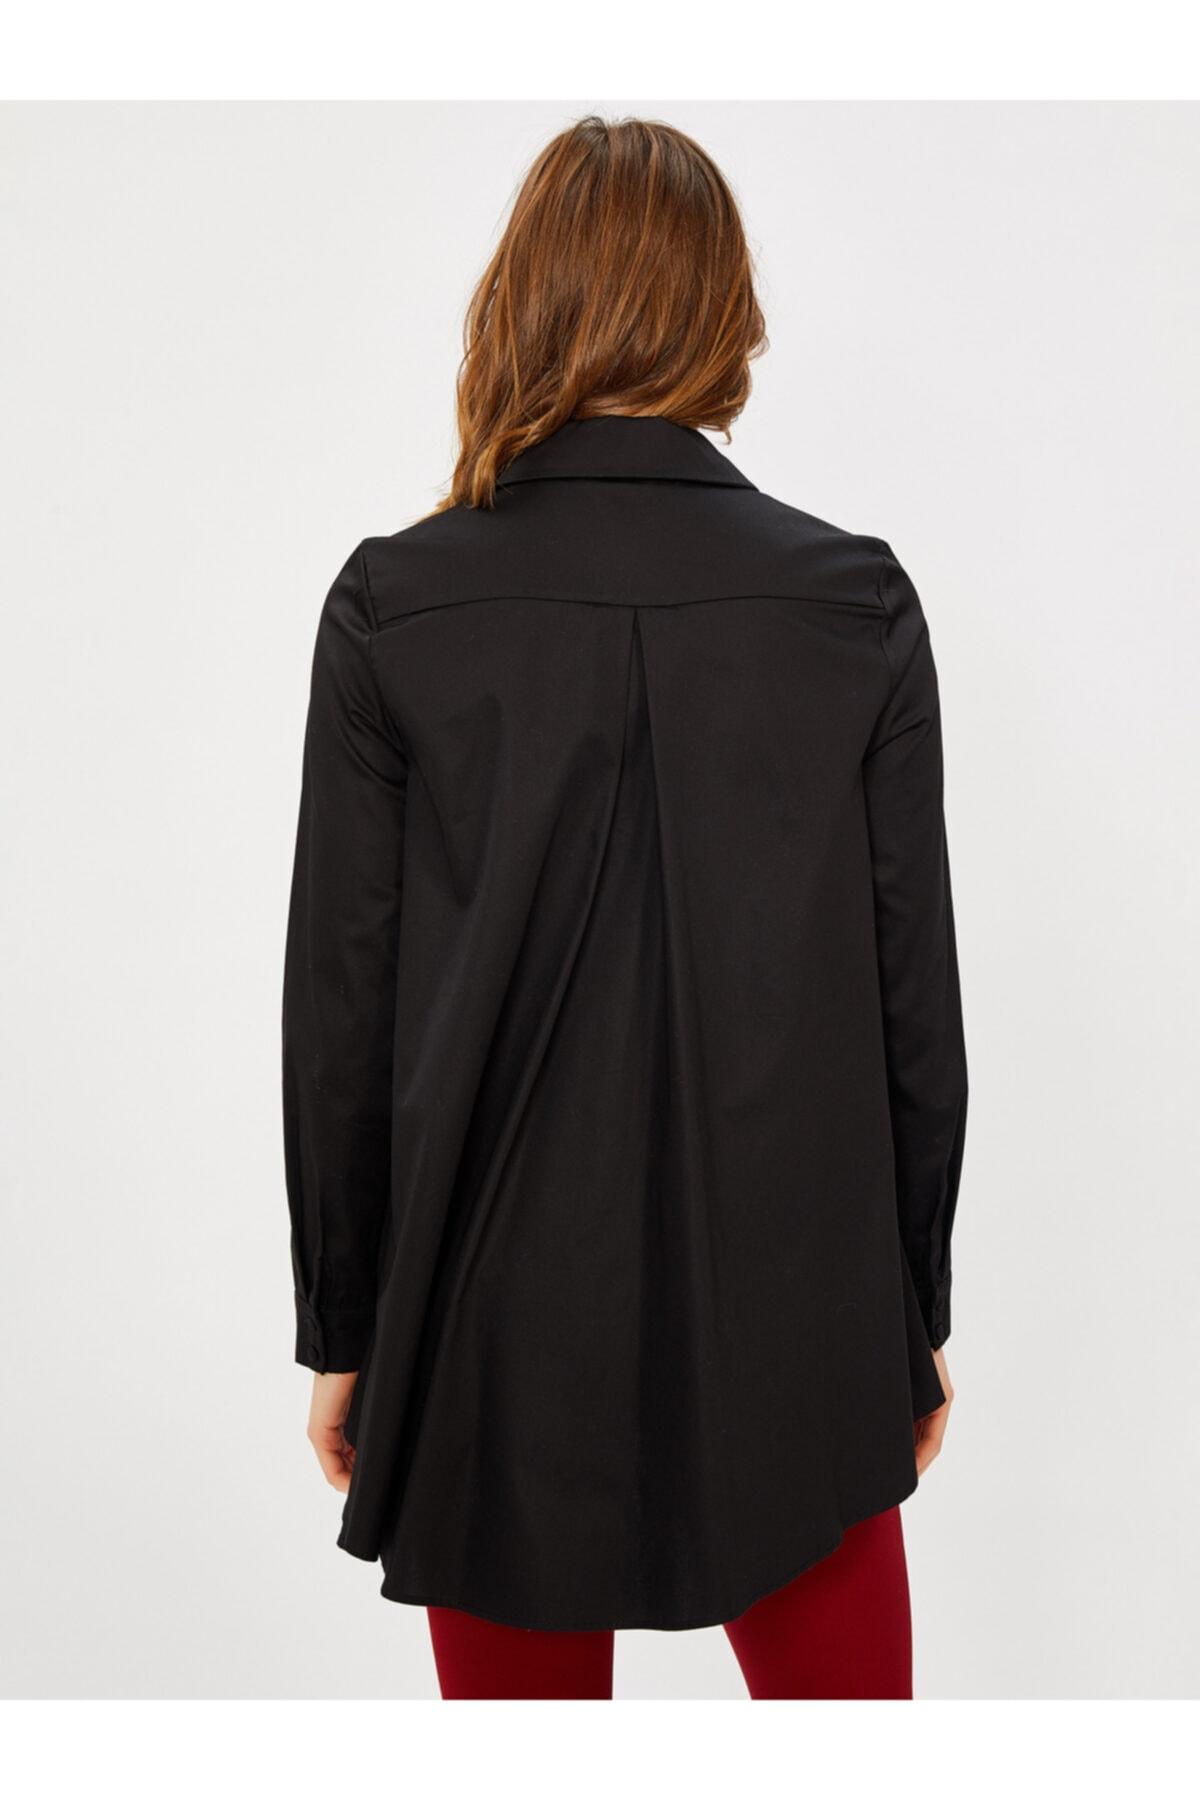 Vekem Kadın Siyah Taş Detaylı Pamuk Gömlek 2